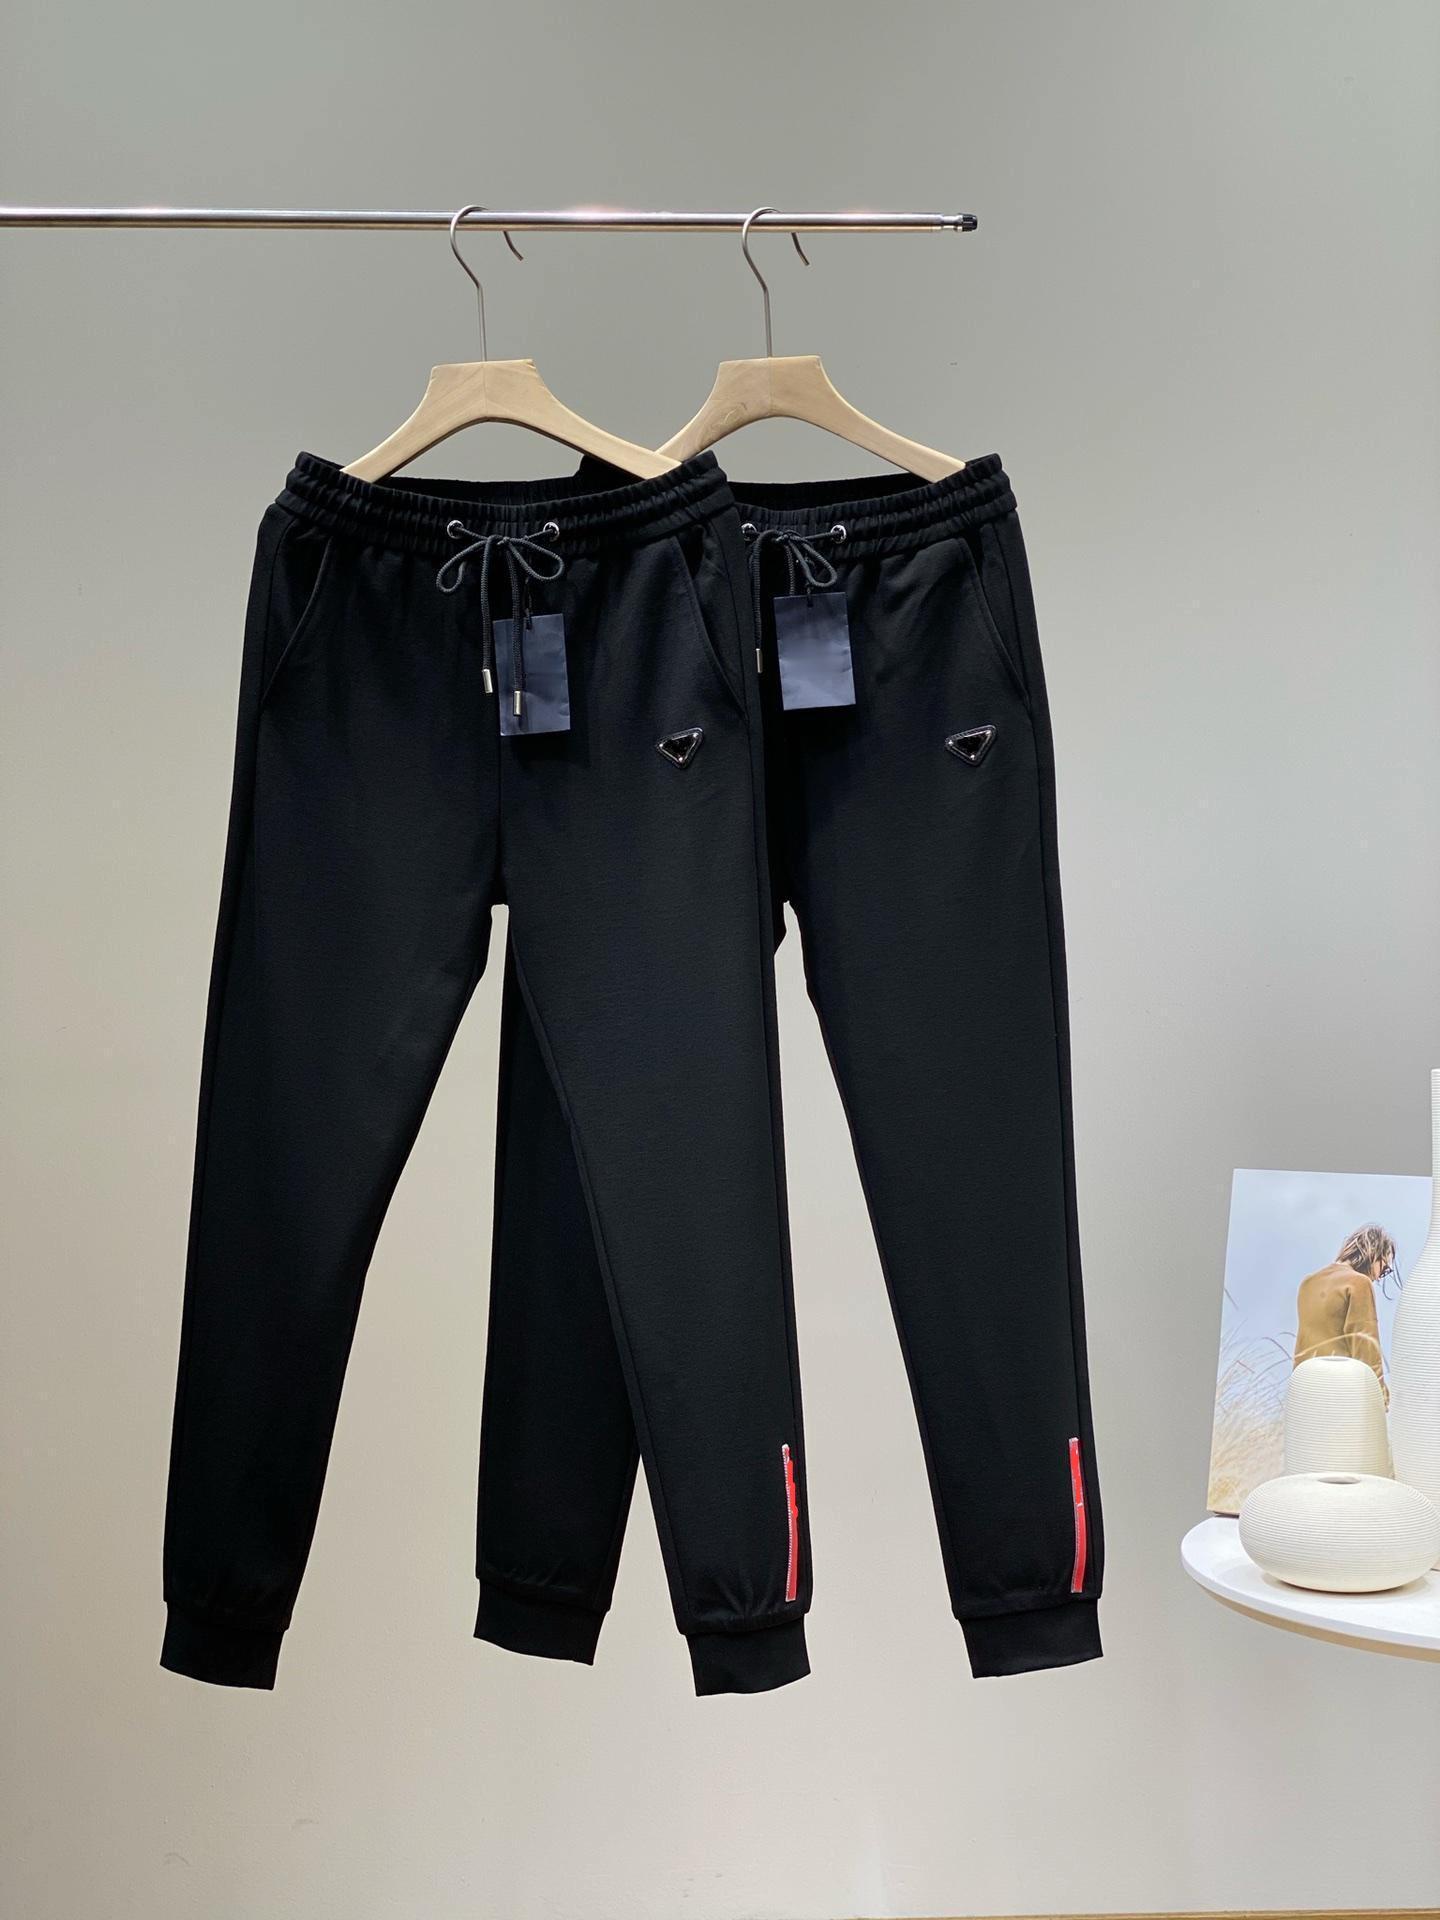 2021 Yeni Erkek Pantolon Rahat Moda Gevşek Ve Konforlu Güzel İşçilik İyi Şekli Tüm Maç Pantolonları Her Mevsimde Aşınabilir